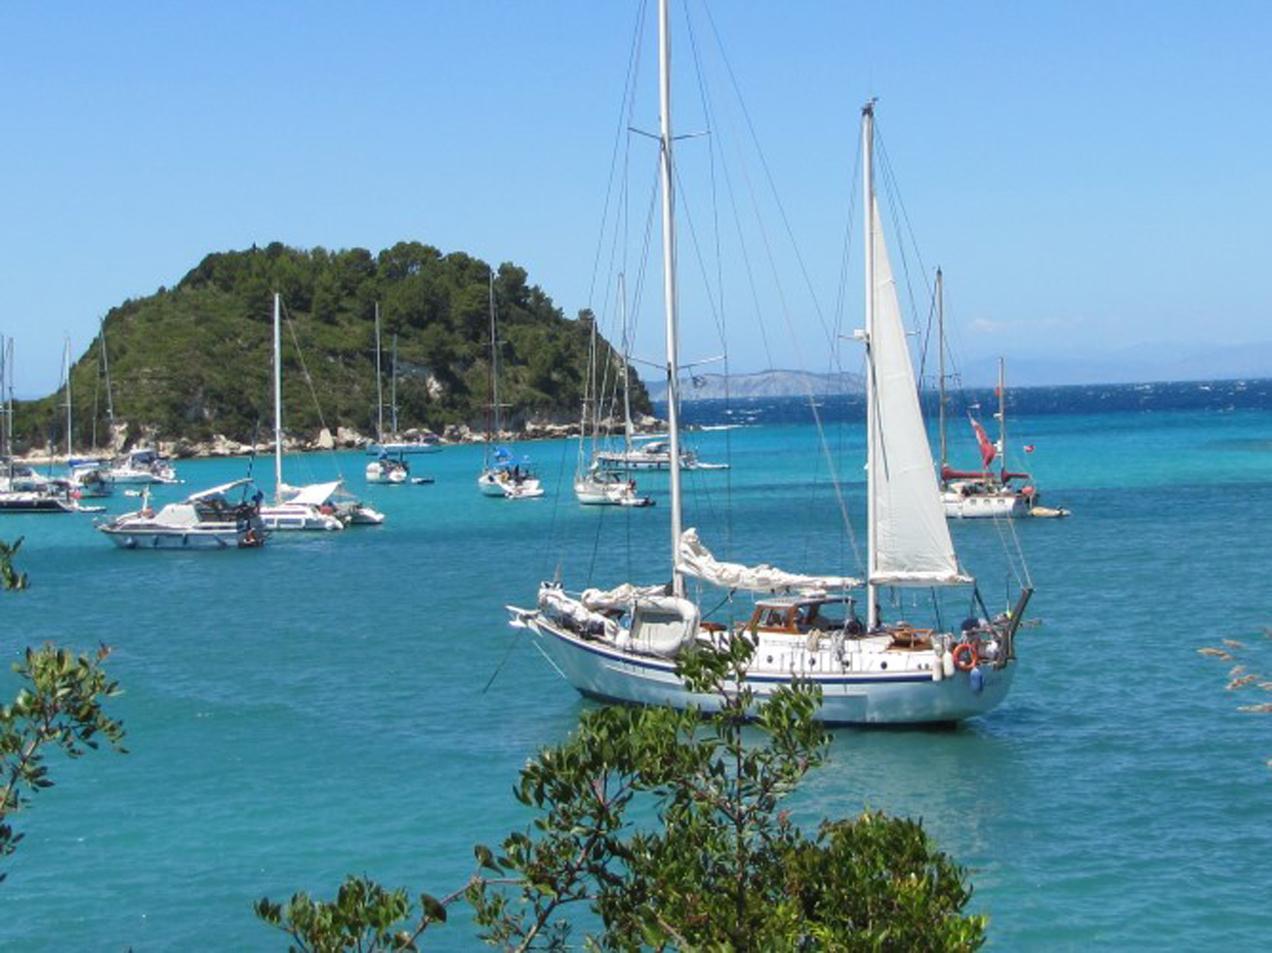 הפלגה ליוון עם דרך הים - עצירה במעגן סירות מדהים